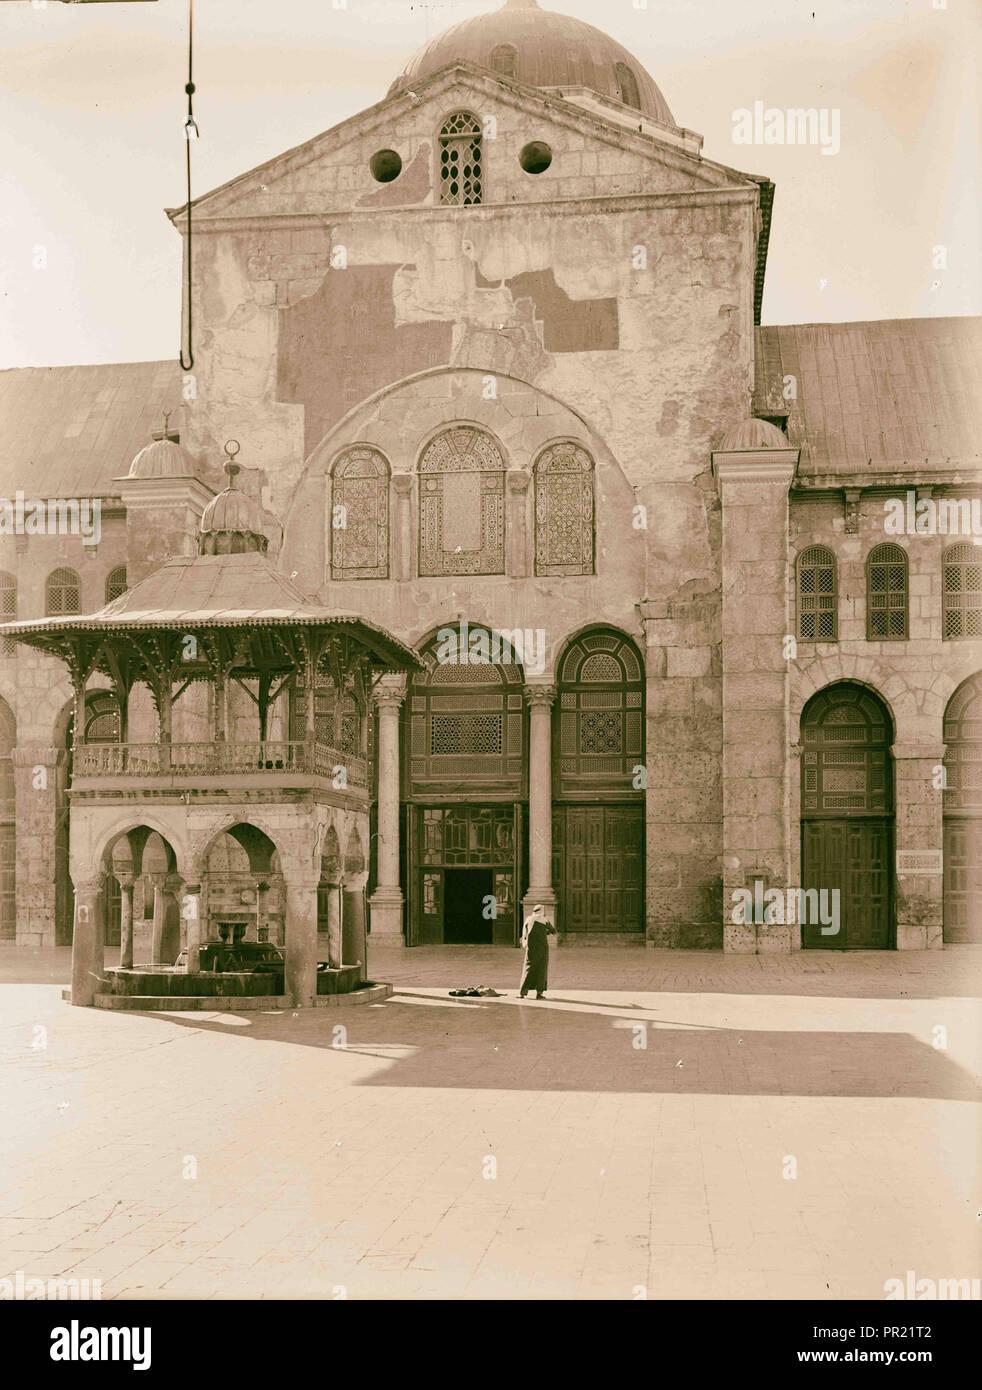 Damasco. La Moschea Ommayad. Facciata della moschea colonnato attraverso una più stretta fino, sezione centrale. 1940, in Siria, a Damasco Immagini Stock